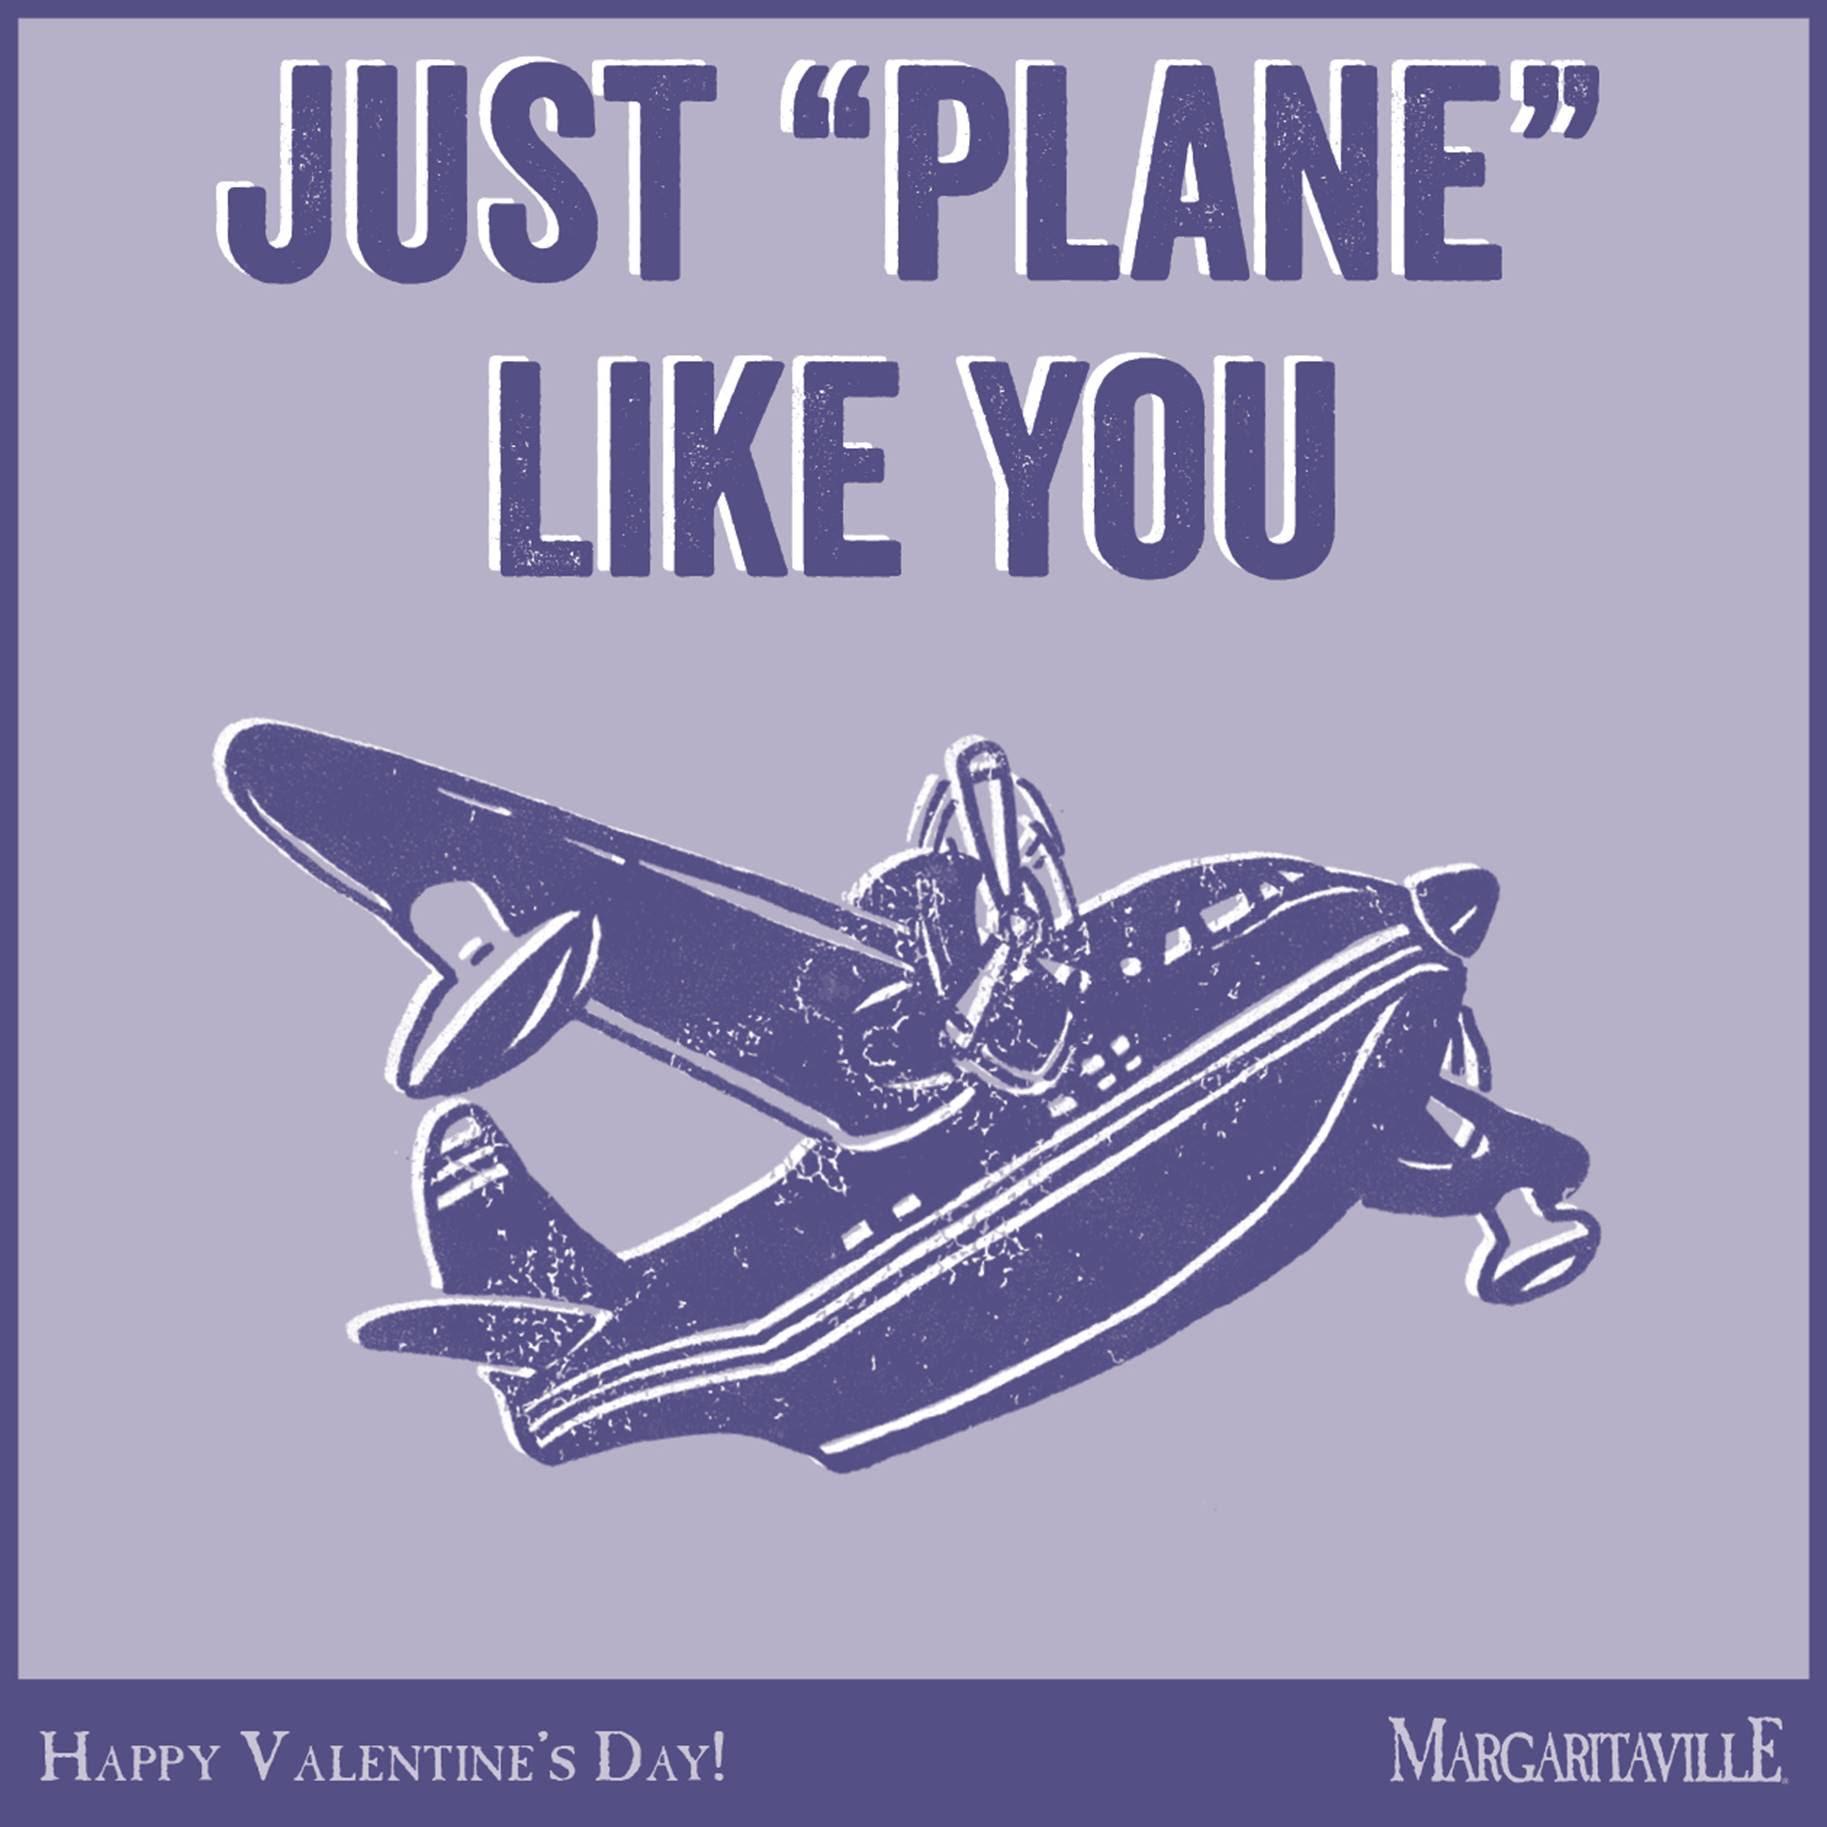 plane-like-you